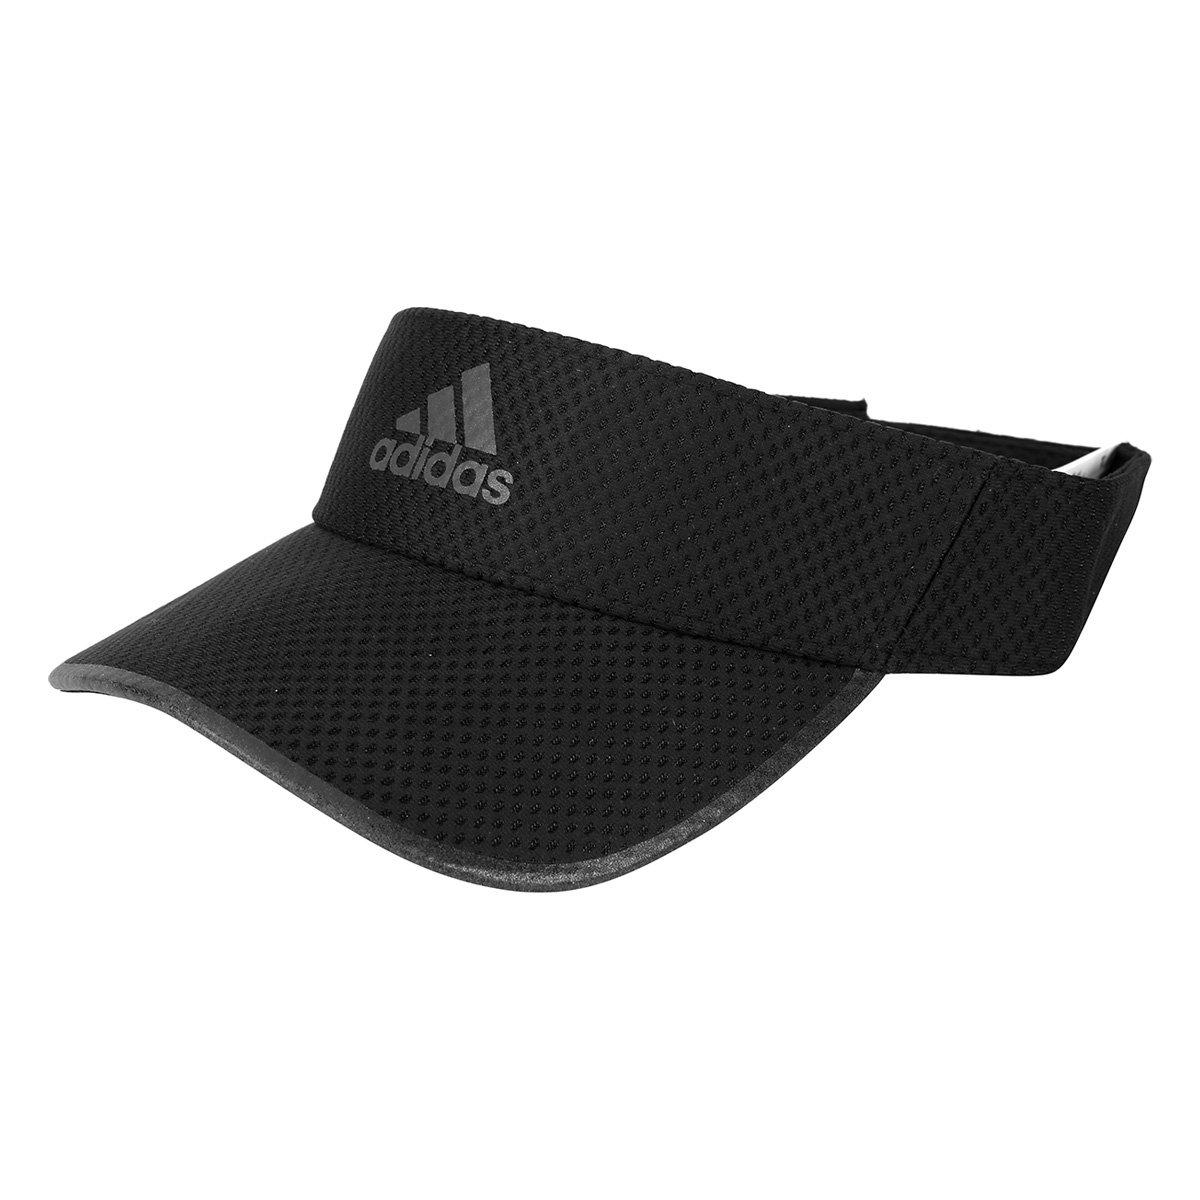 abda69637ed14 Viseira Adidas Climacool - Preto - Compre Agora